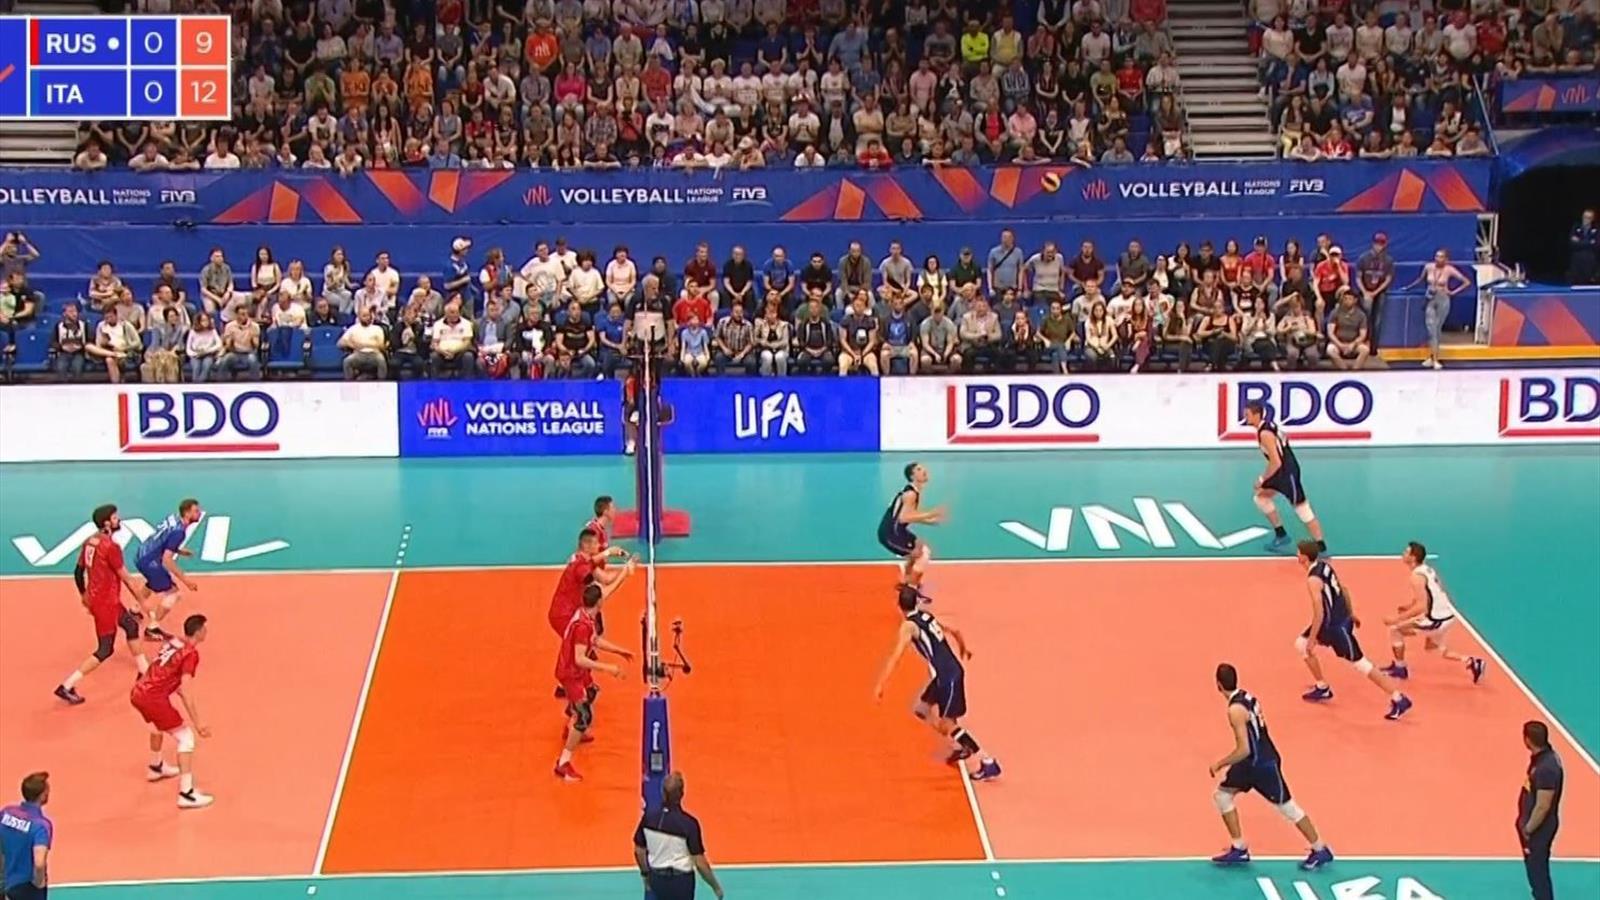 Mondiali Volley Maschile 2020 Calendario.Volleyball Nations League 2019 Russia Italia 3 0 Gli Highlights